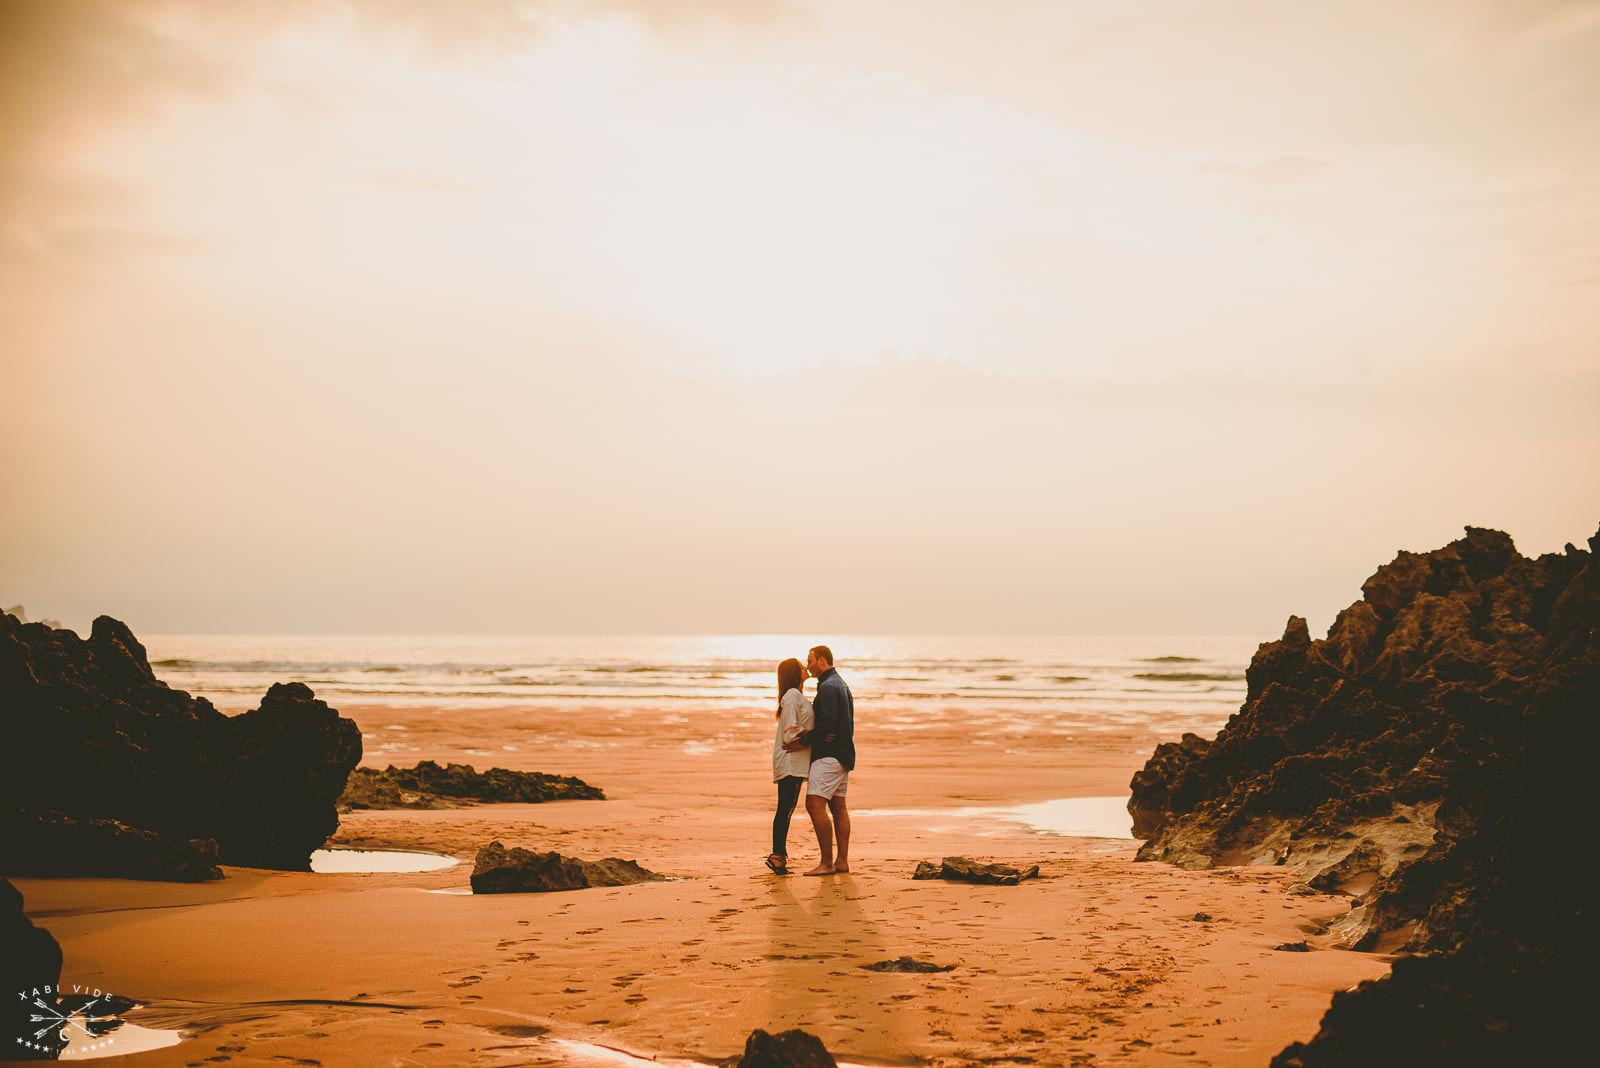 fotografo+de+bodas+en+cantabria-33